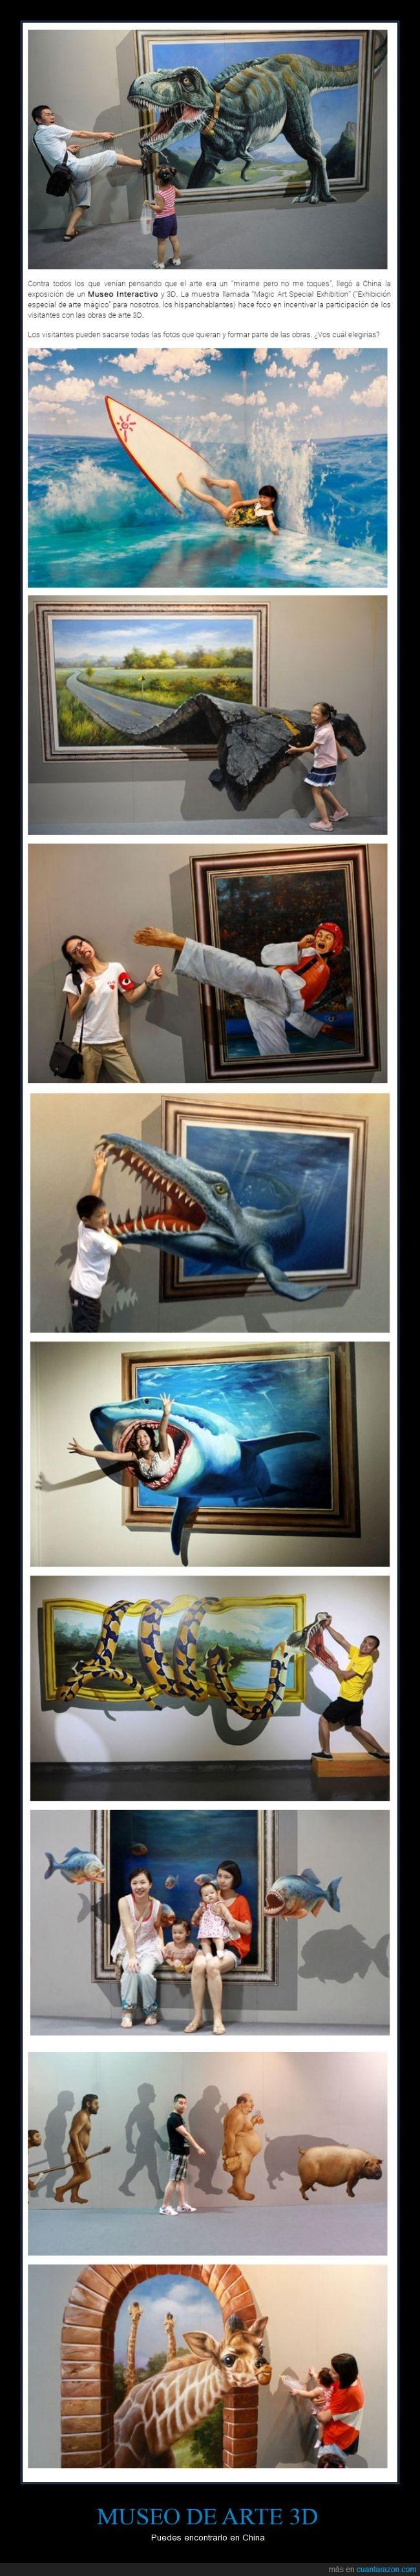 3D,China,dibujo,museo,realidad